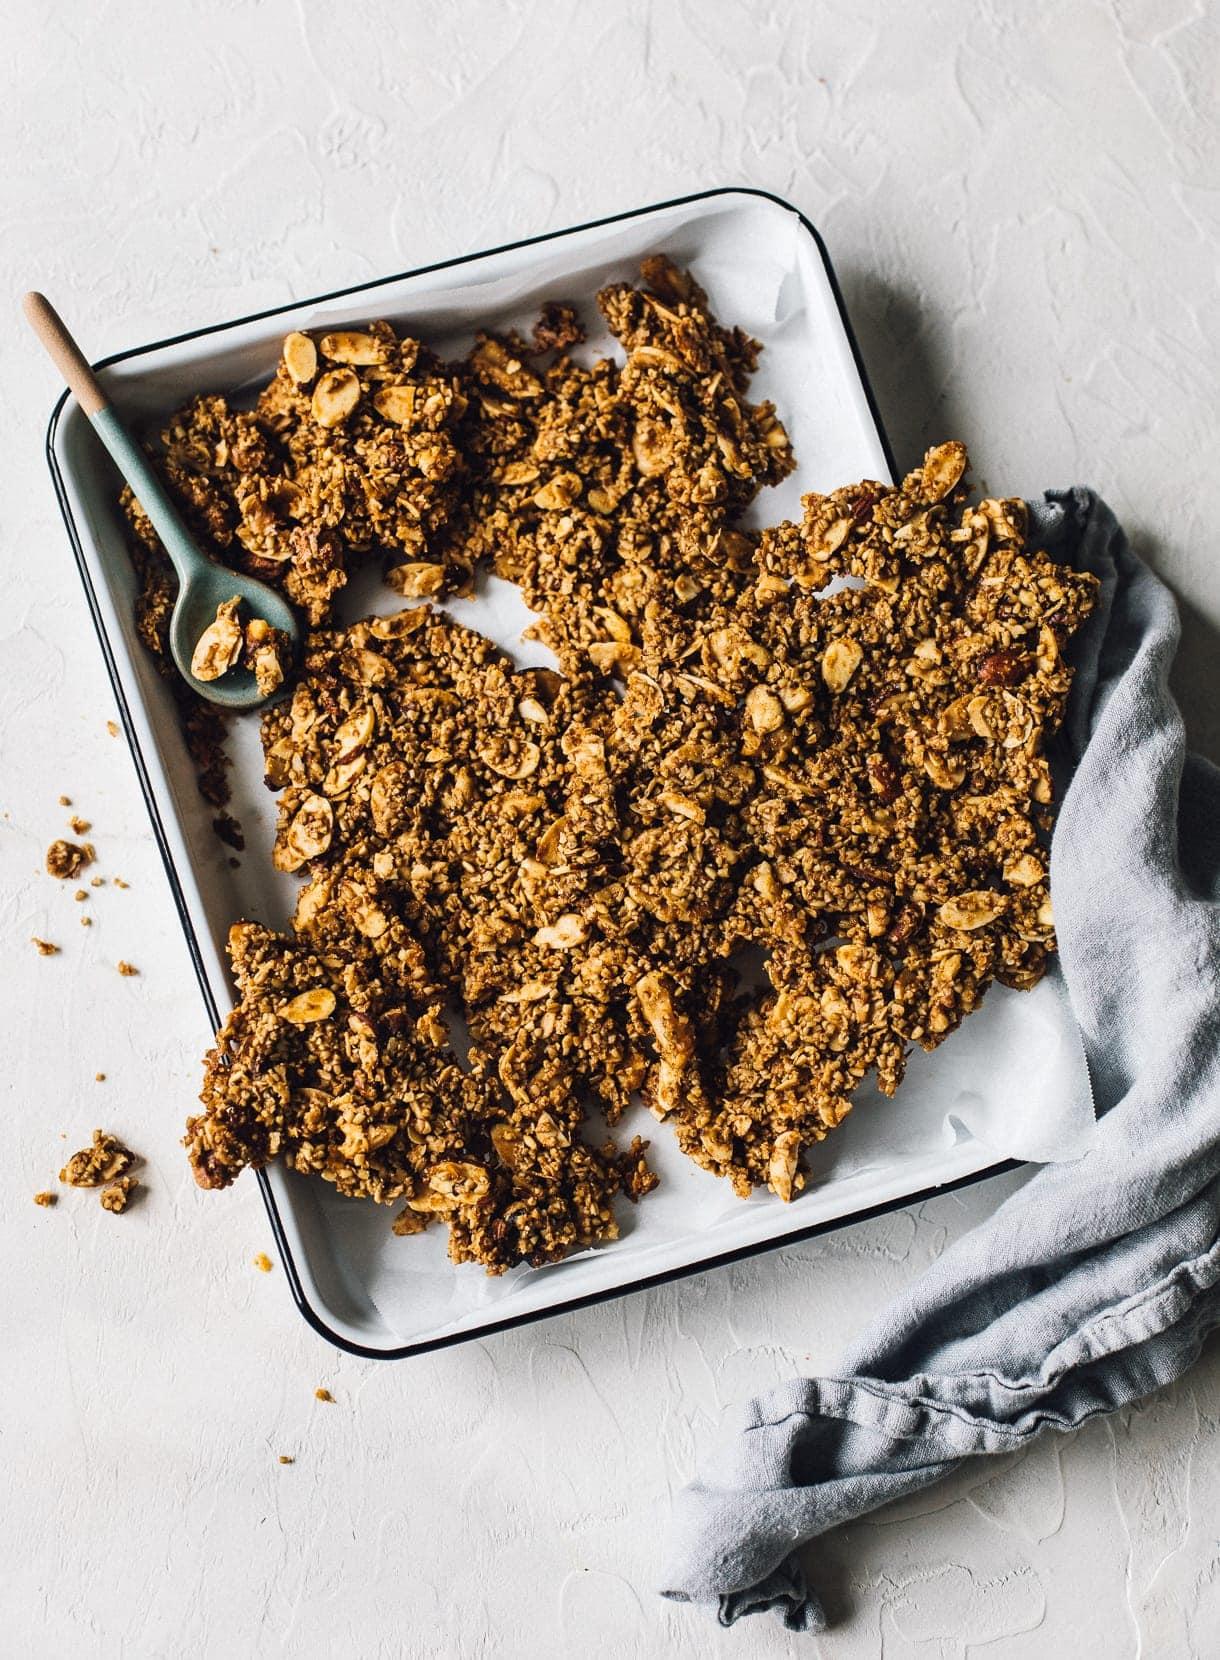 chunky vegan granola in an enamel pan